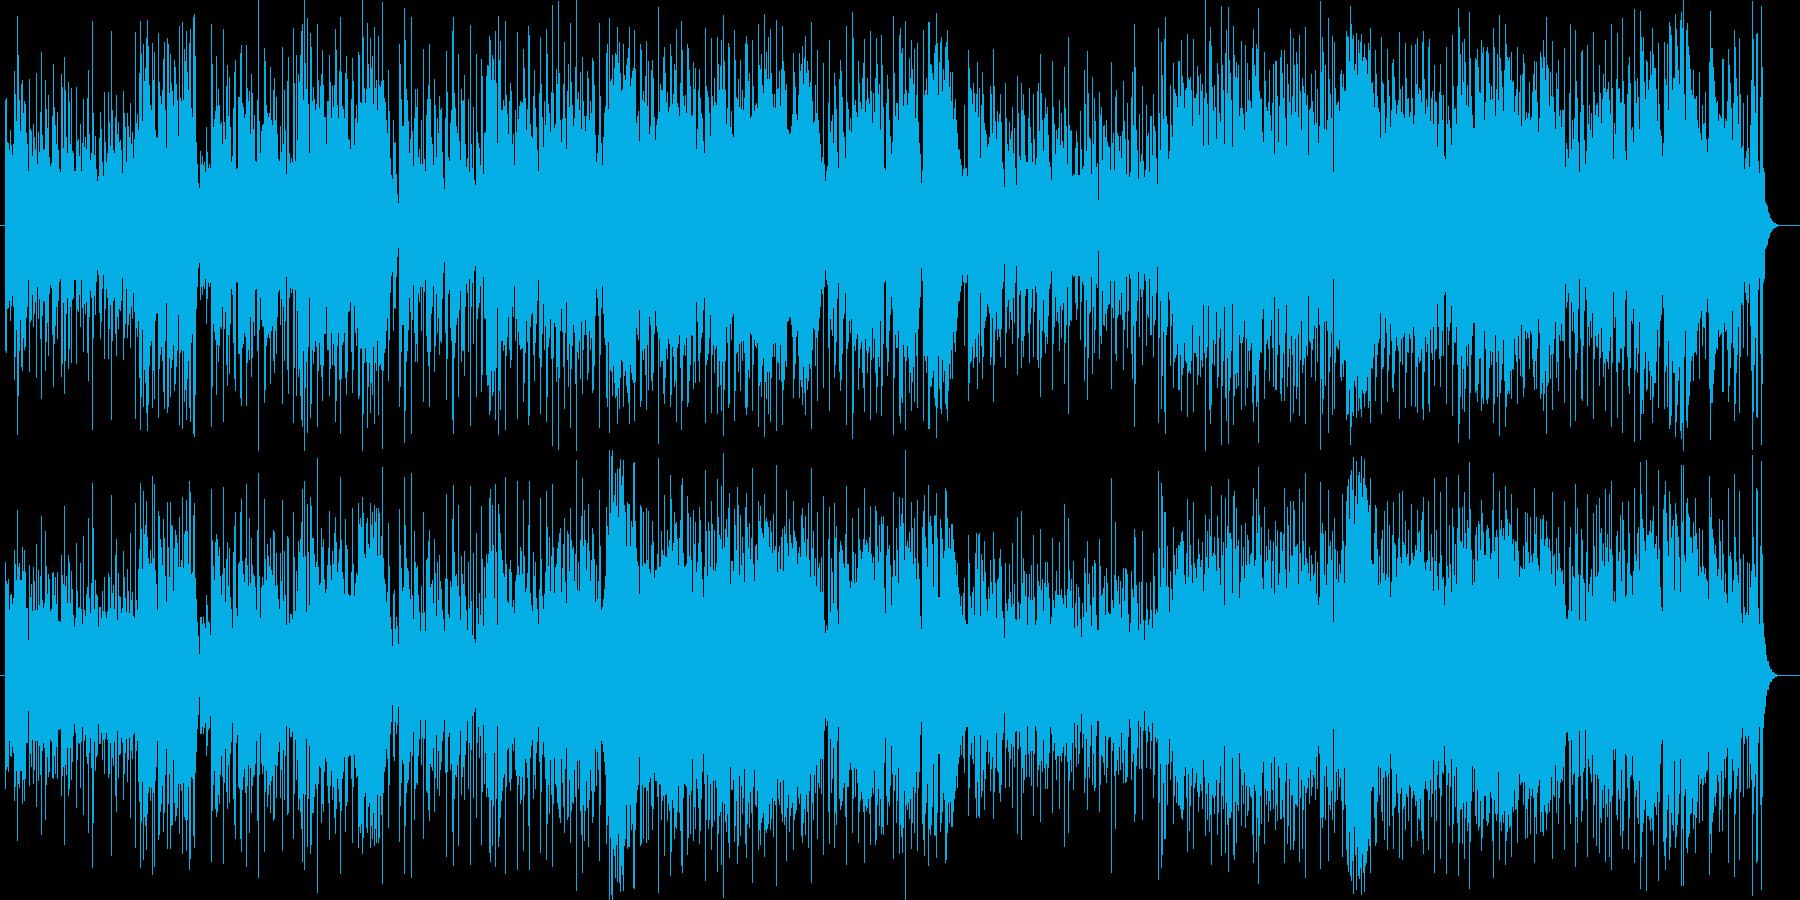 明るくてアップテンポが特徴のフュージョンの再生済みの波形